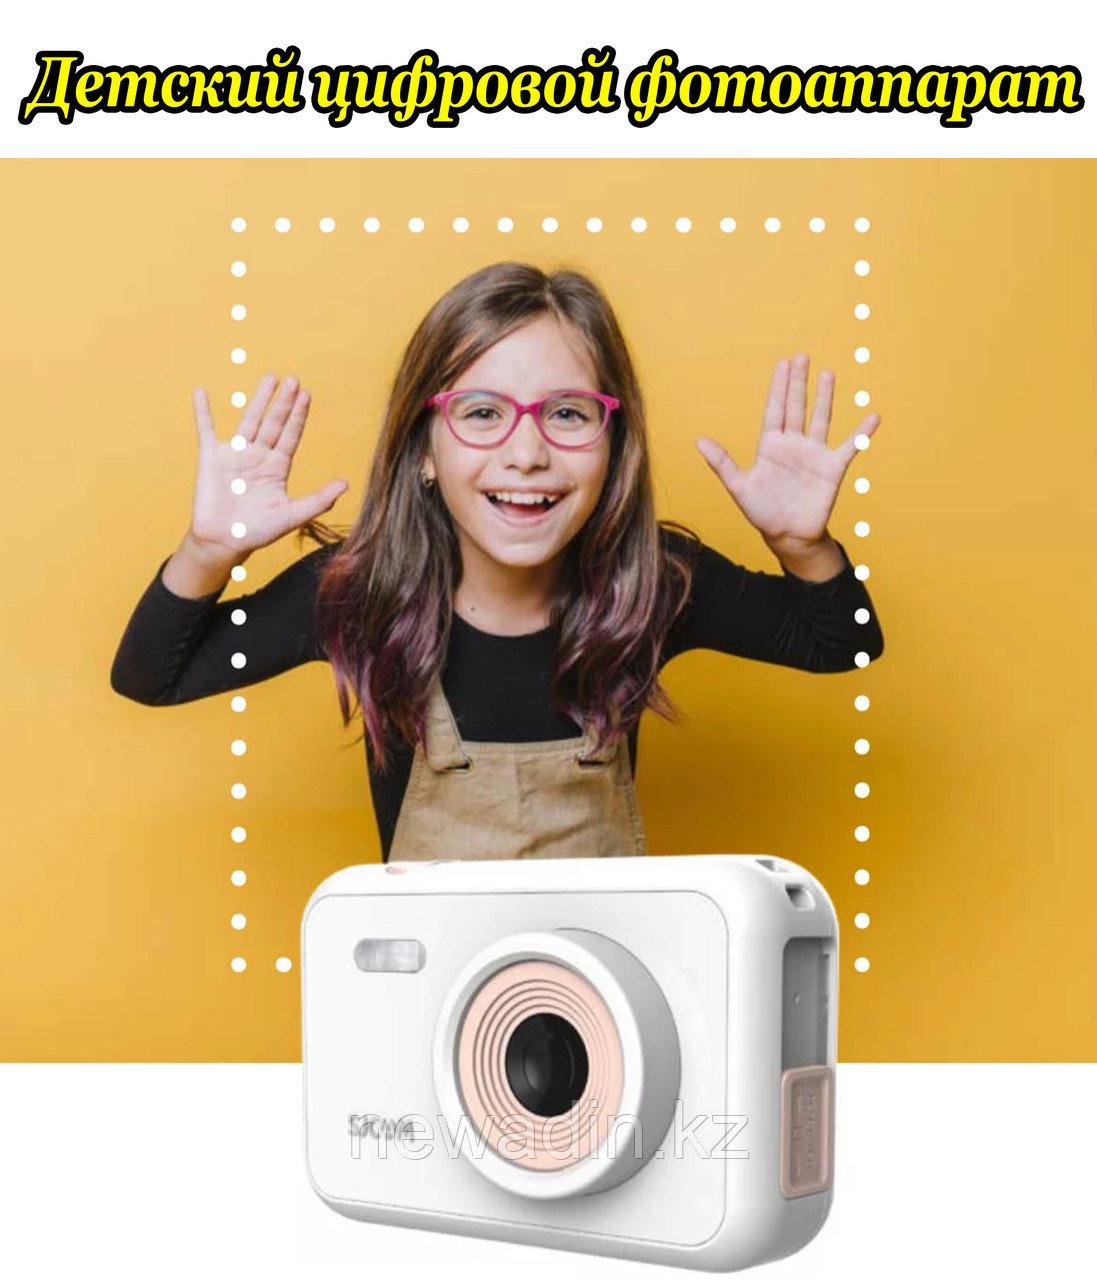 Детский цифровой фотоаппарат со встроенными играми